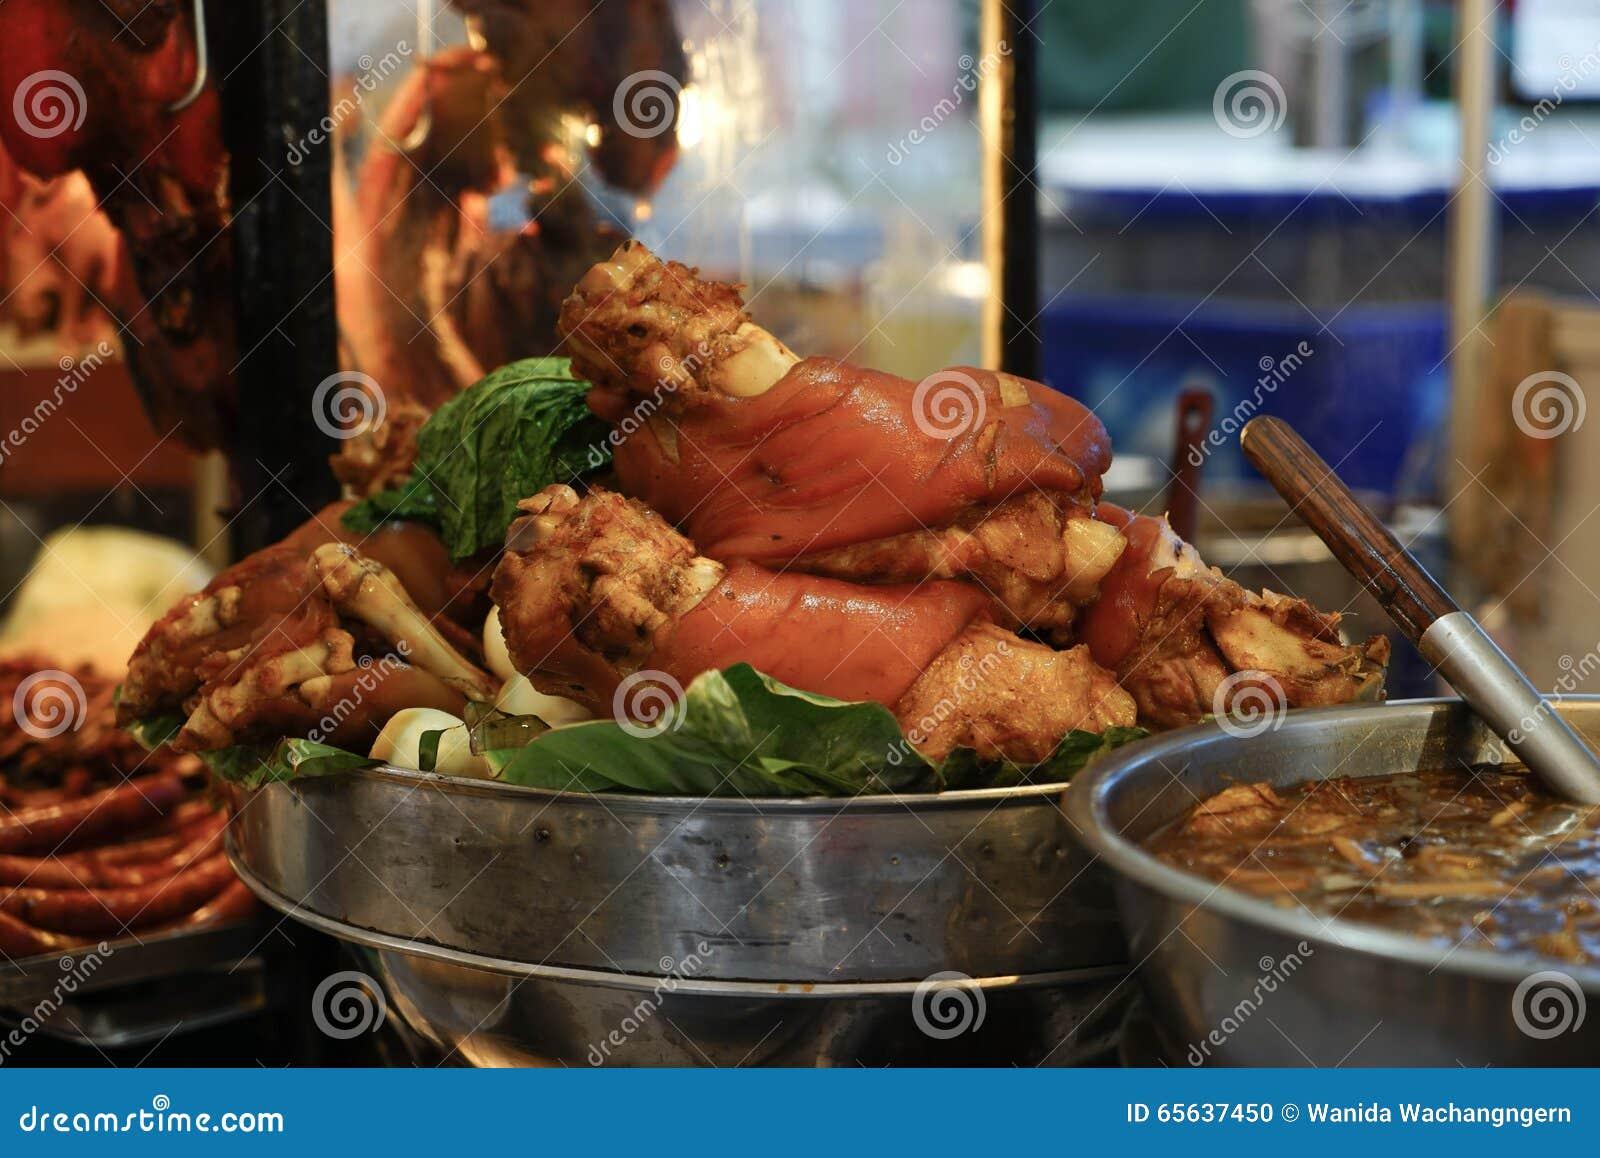 Jambe cuite de porc dans la chaudière